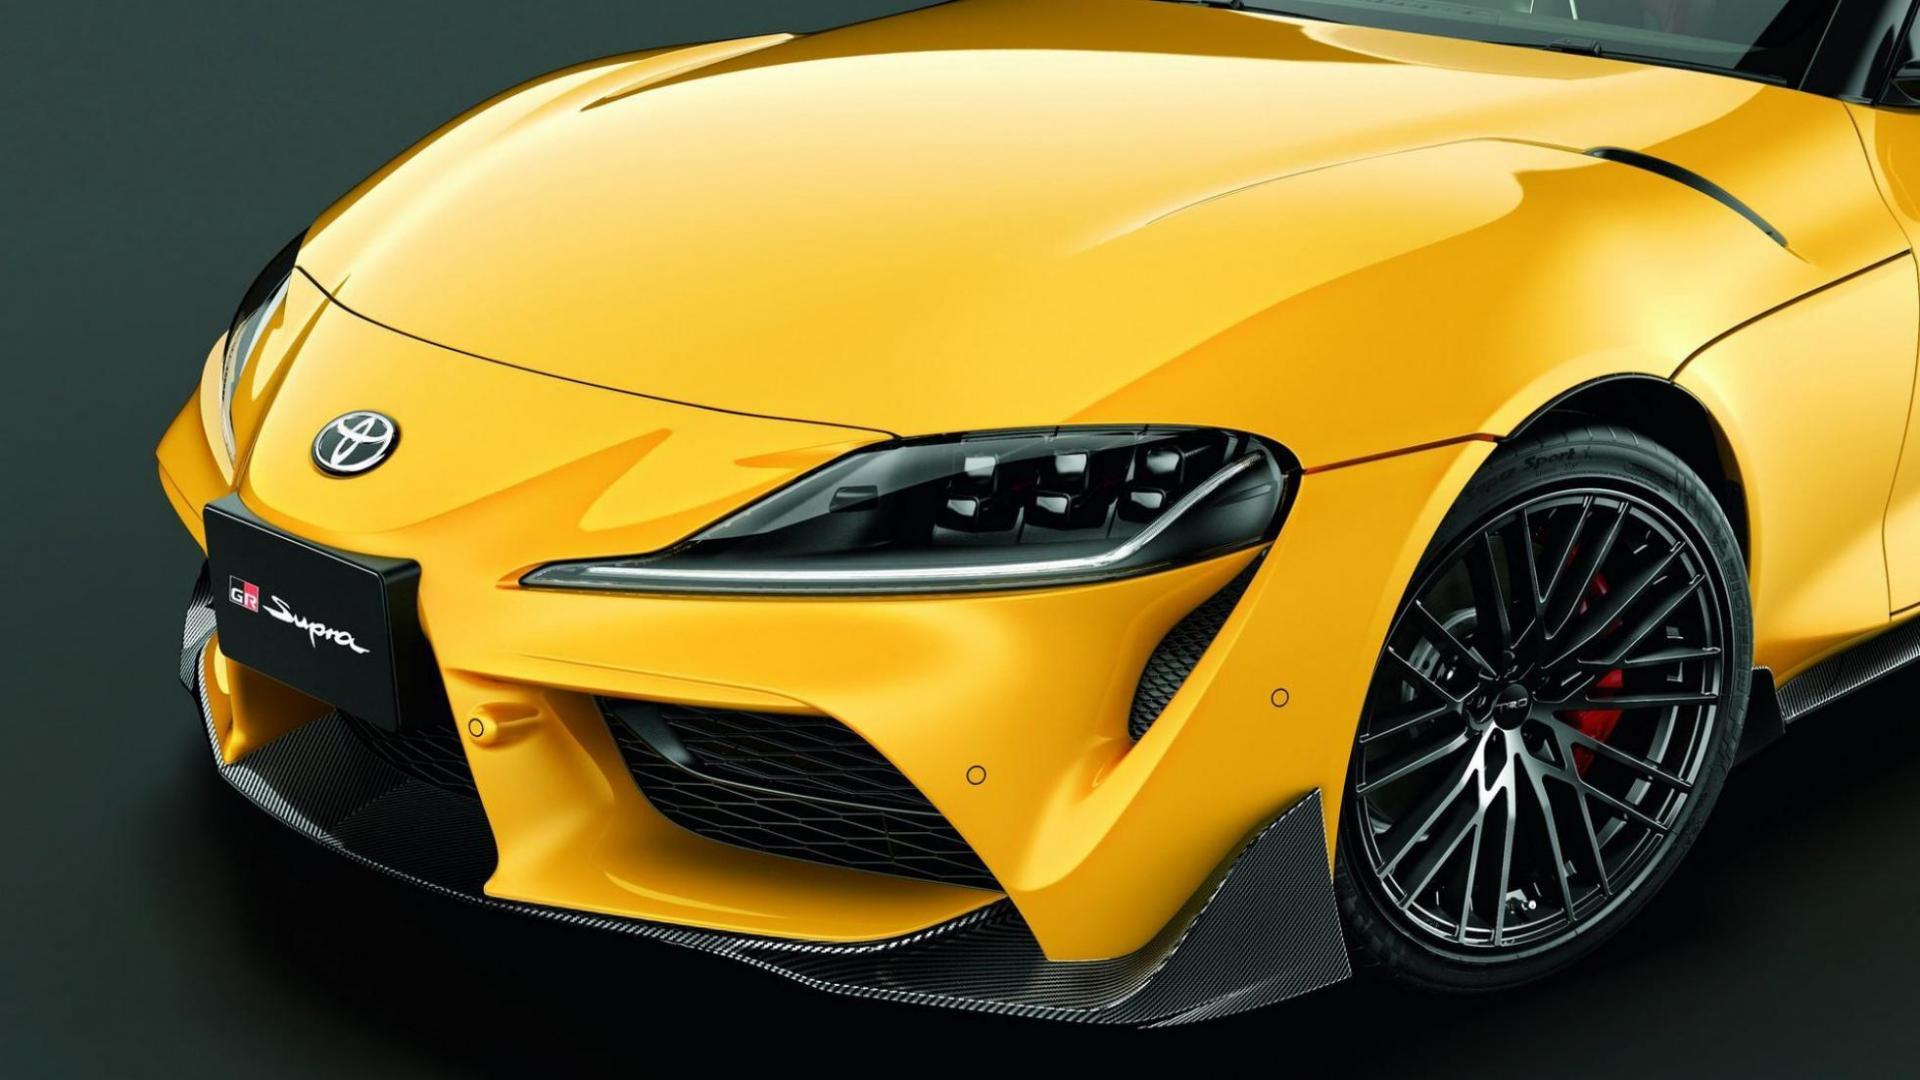 Toyota Supra TRD-onderdelen spoiler voor